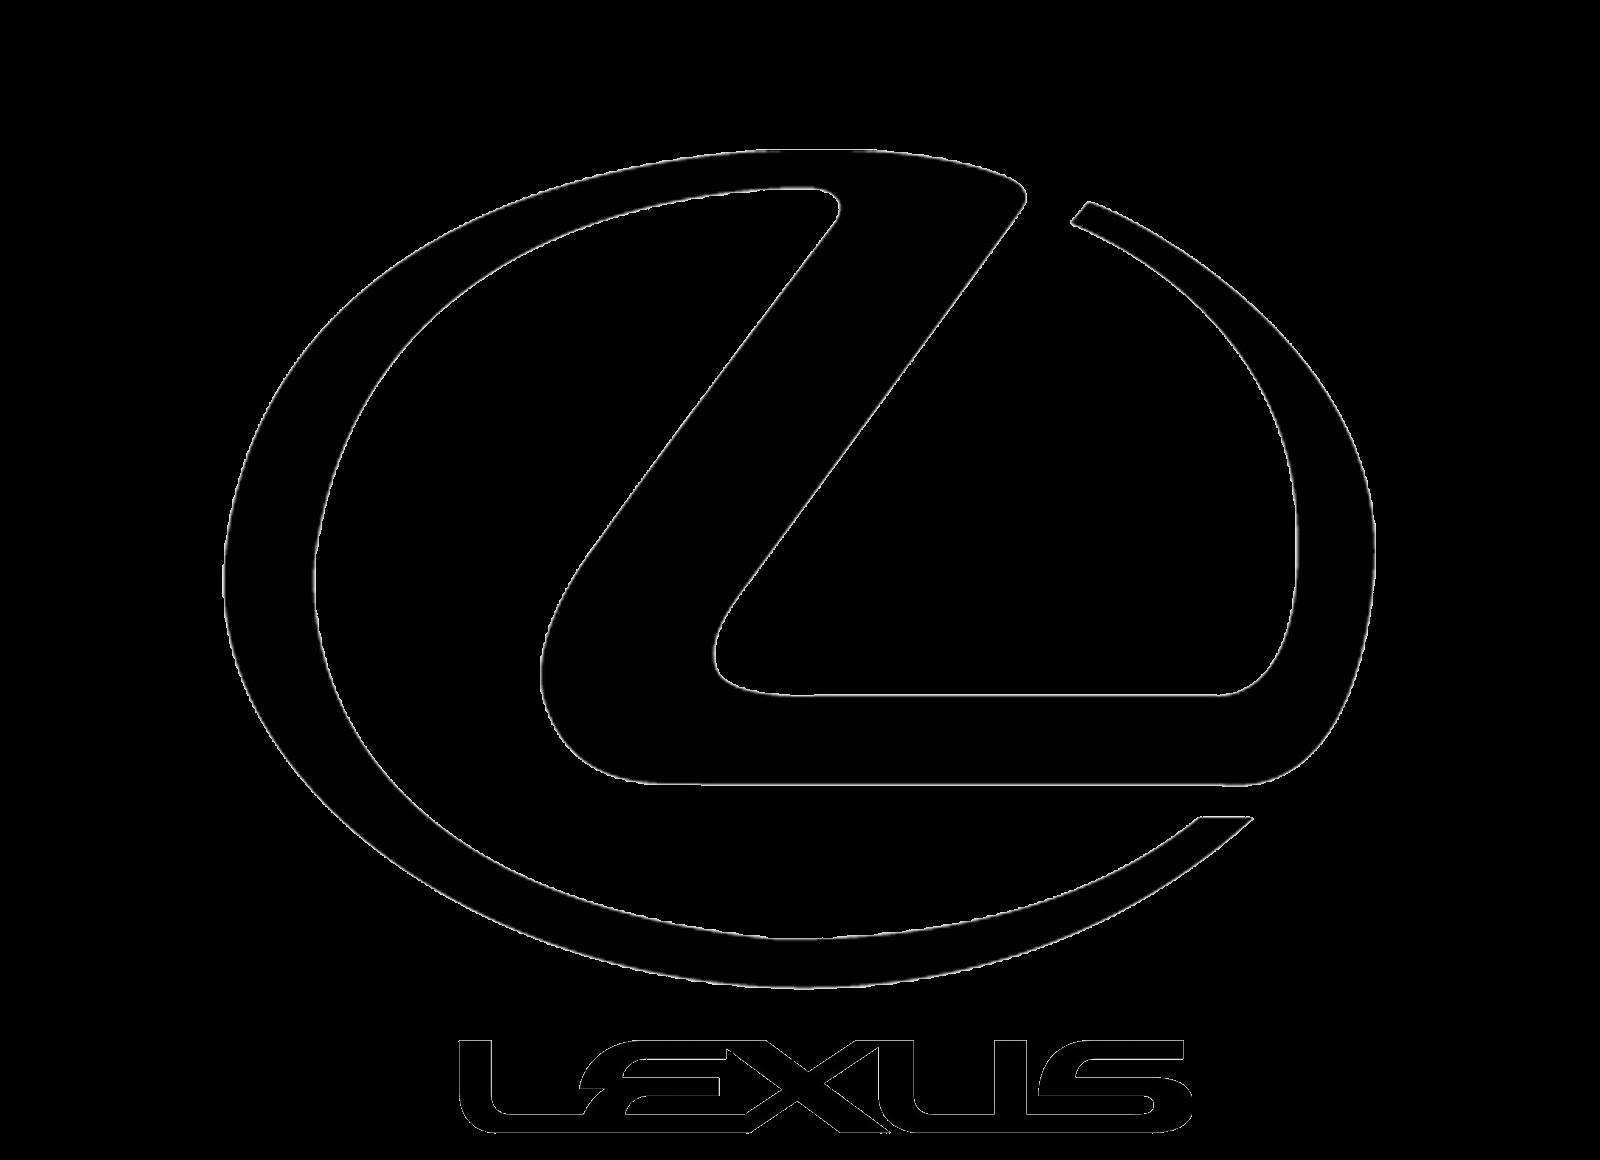 Lexus Car Logo - Lexus Auto Logo Vector PNG